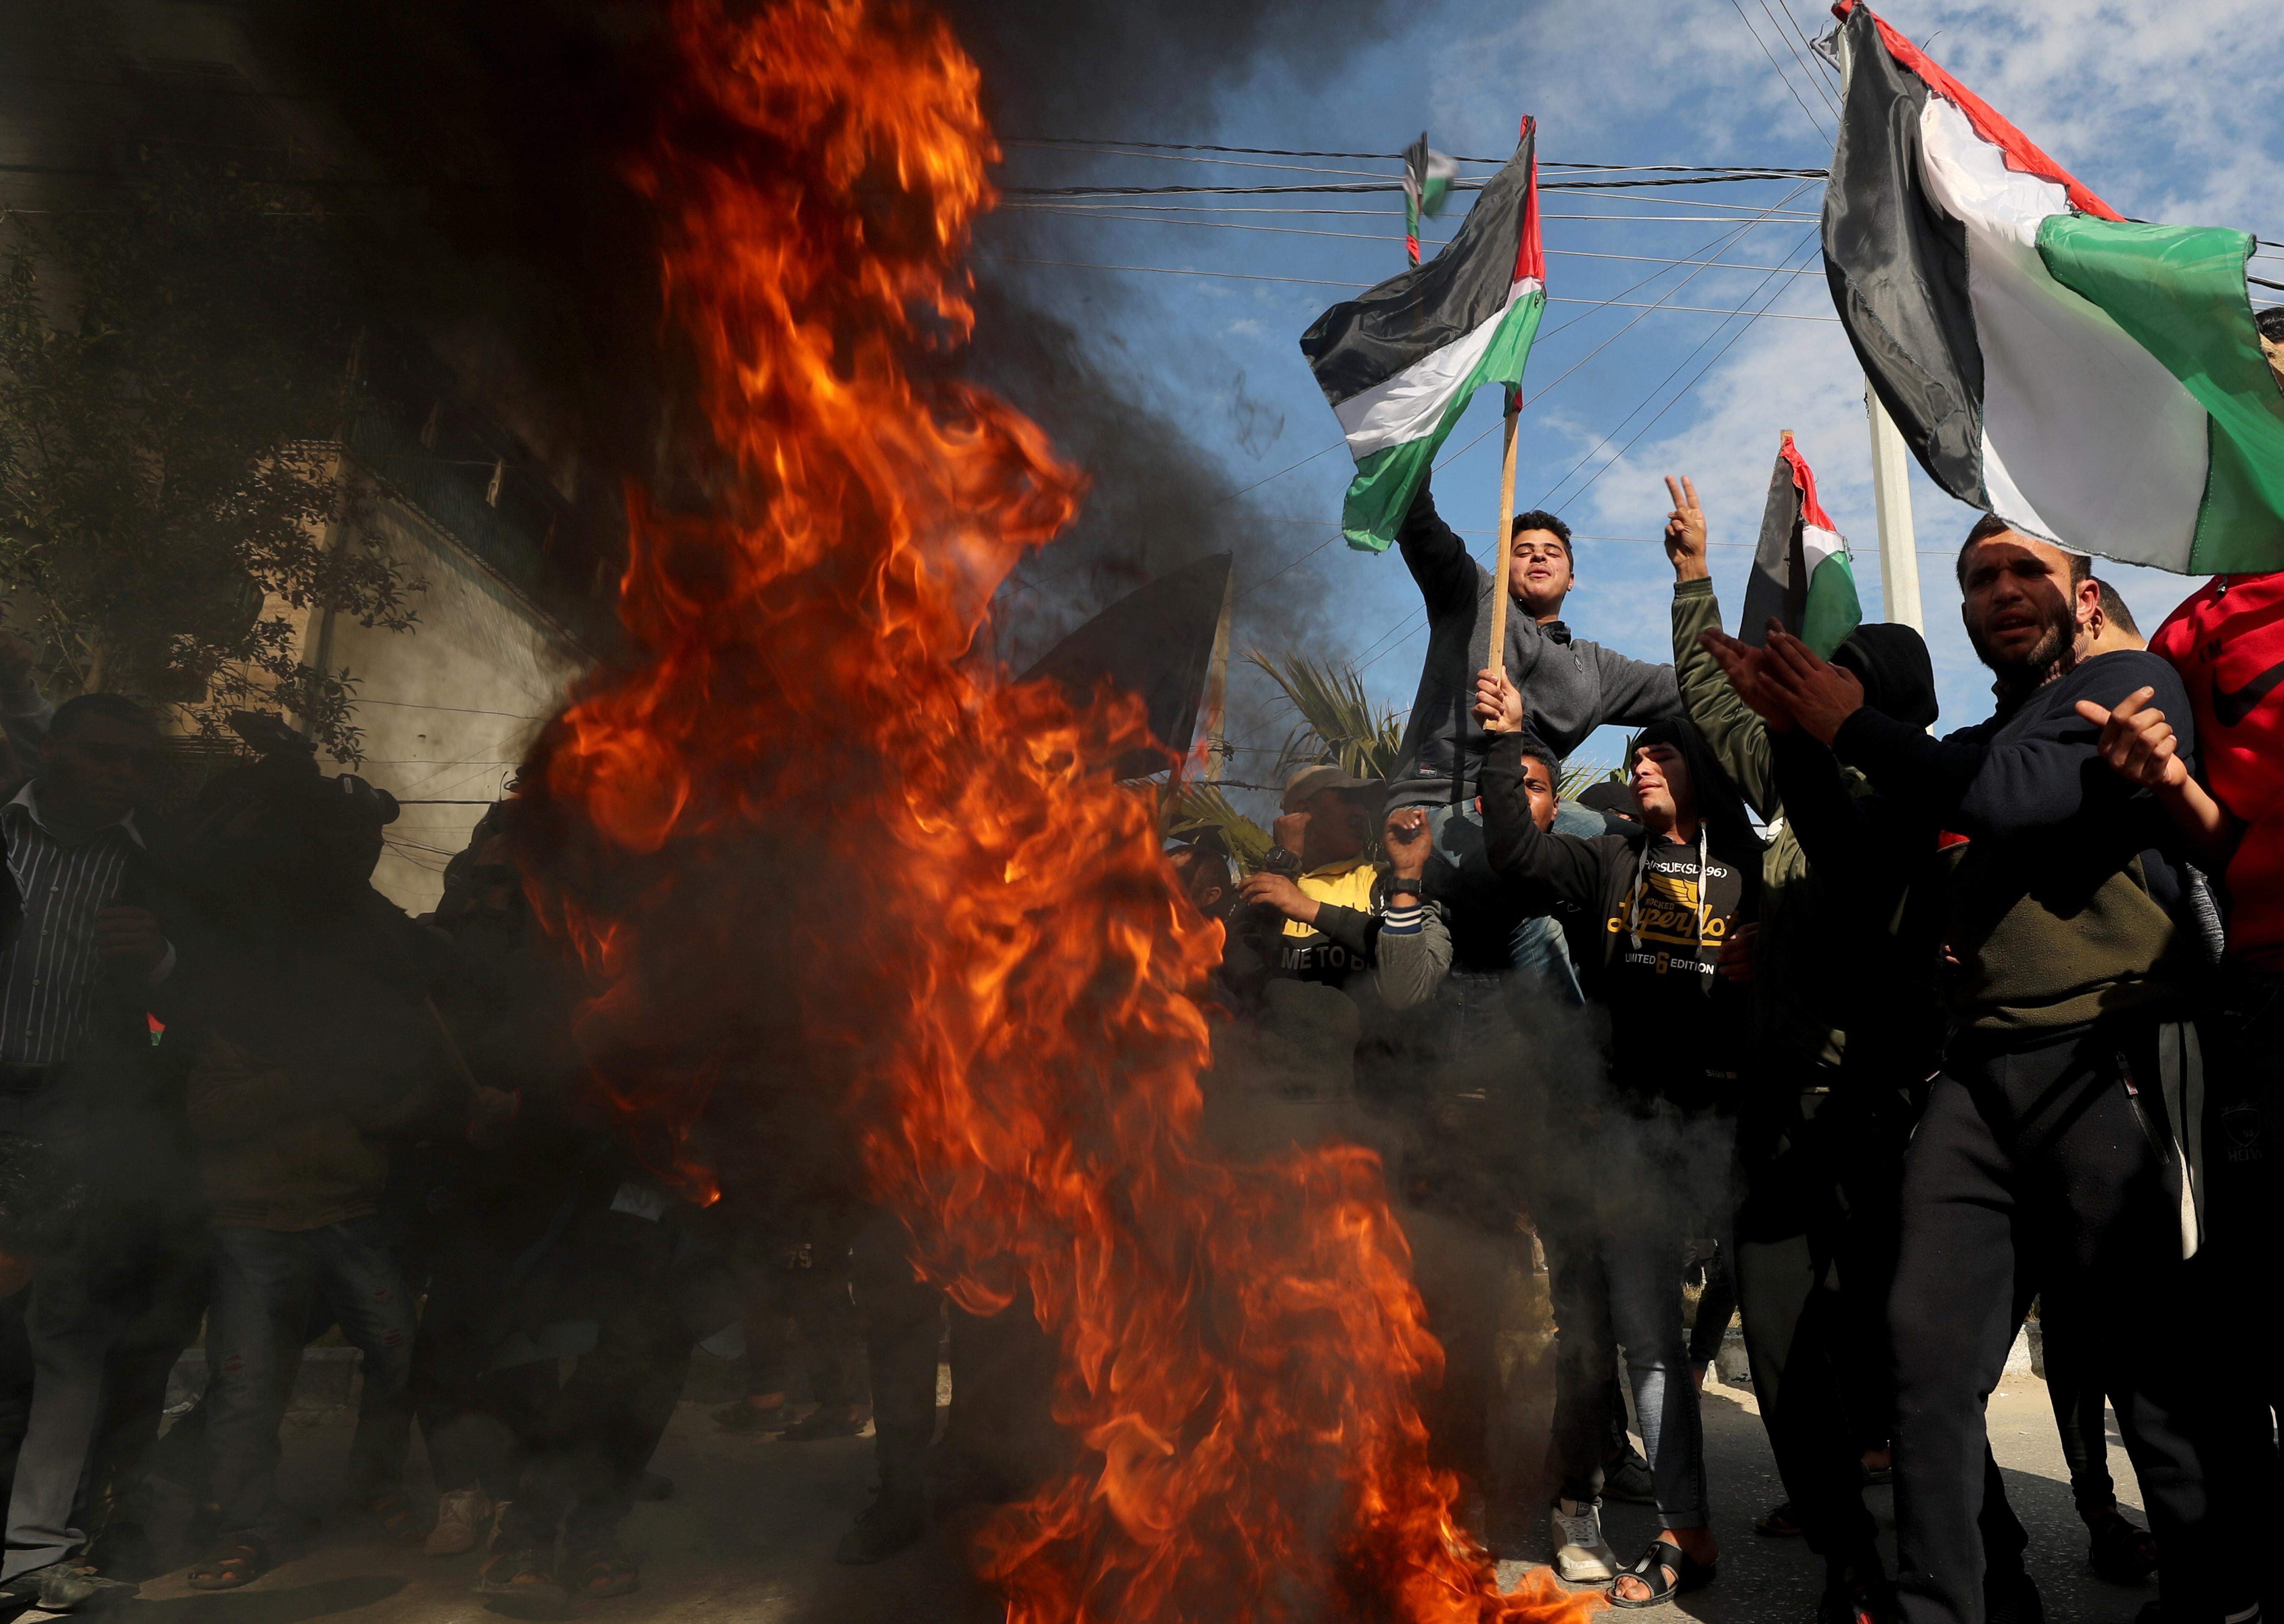 Παλαιστίνη: Χιλιάδες διαδηλωτές στη Γάζα κατά του σχεδίου Τραμπ για τη Μέση Ανατολή